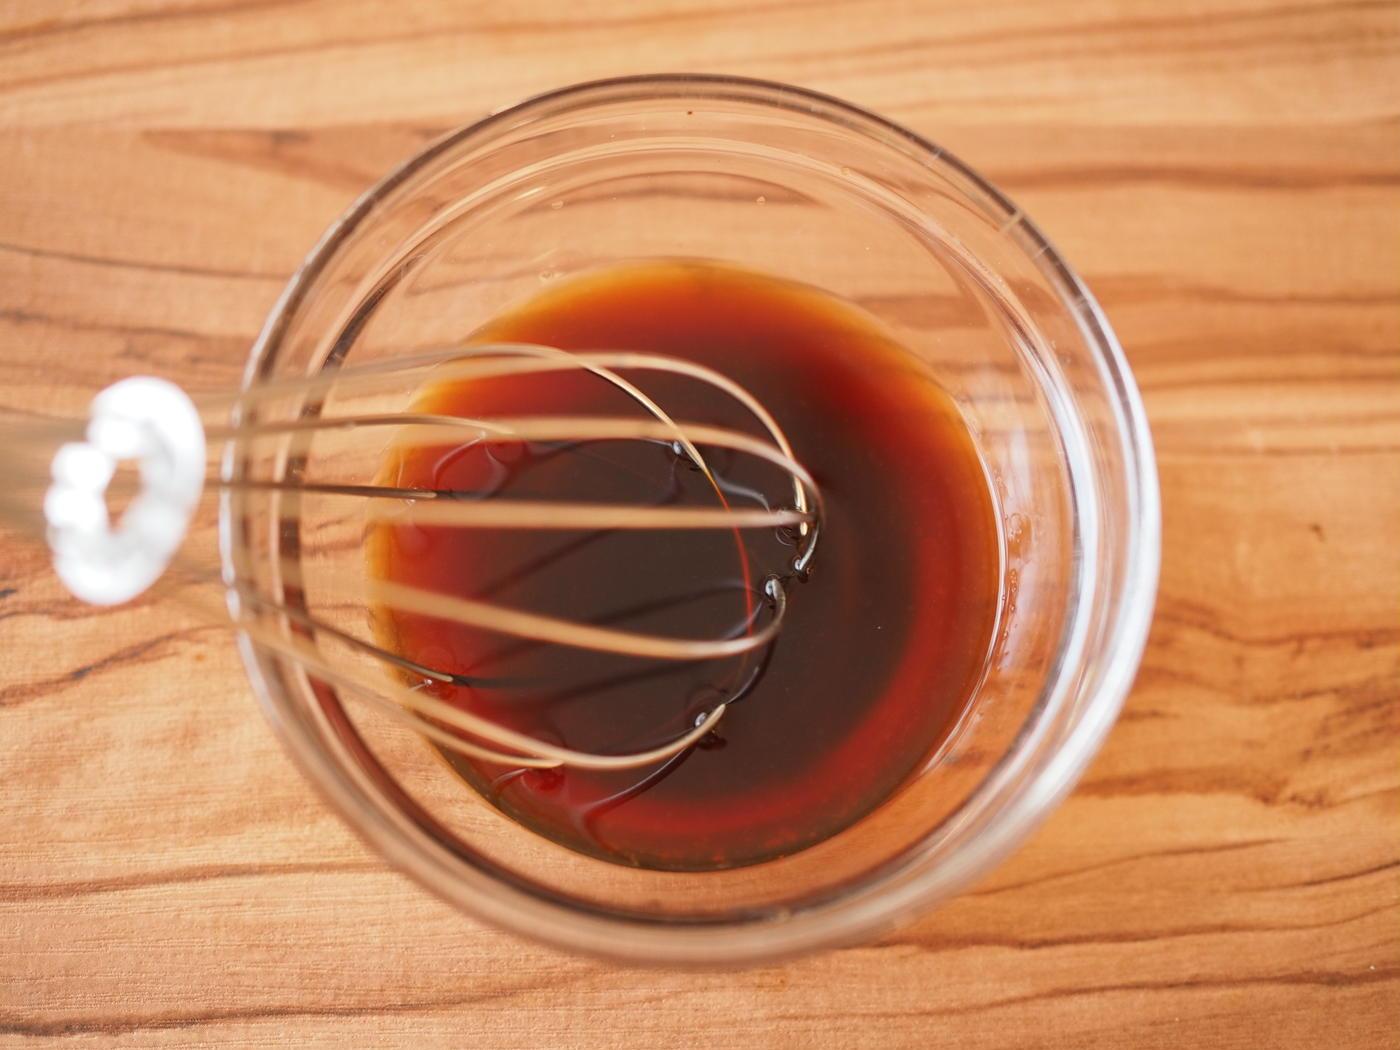 代用 ポン酢 ポン酢の代用品の作り方、ないなら手作り!